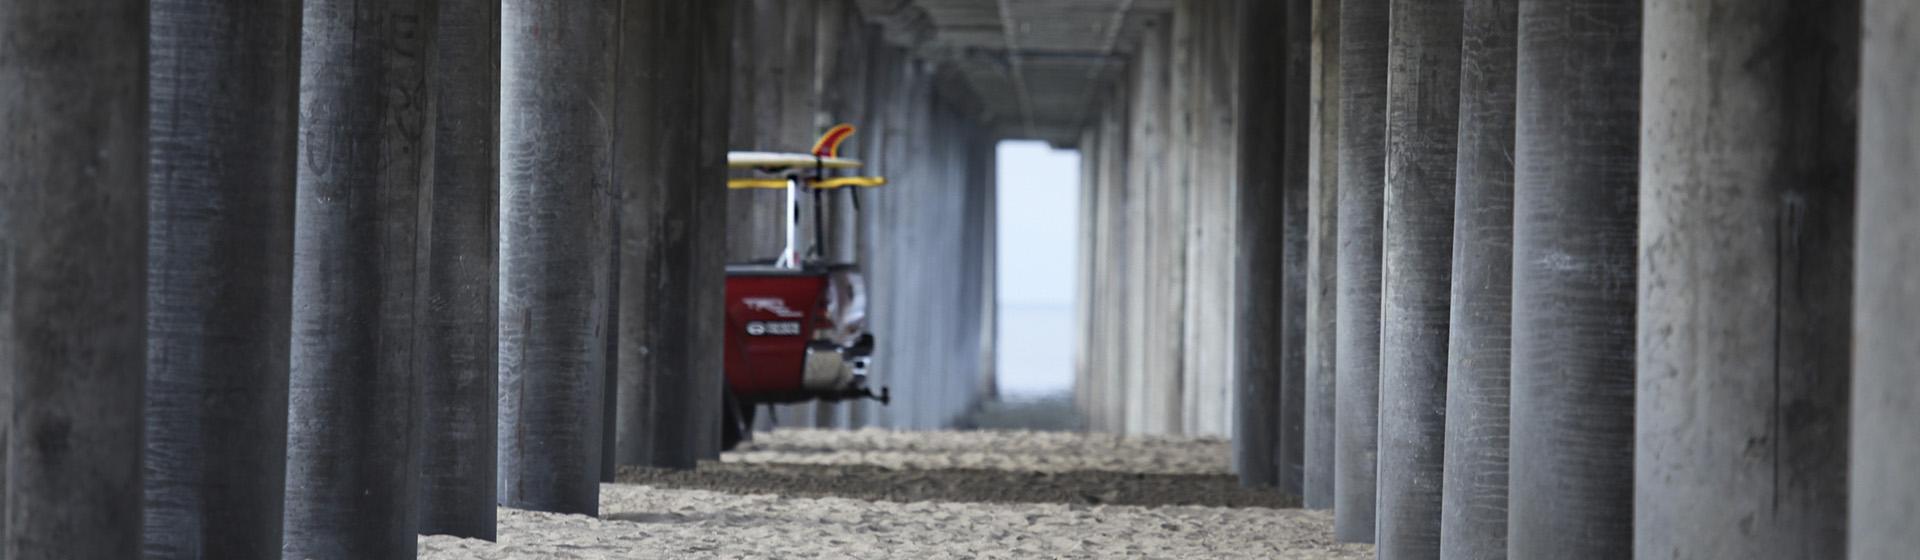 Lifeguard truck under pier in Newport Beach